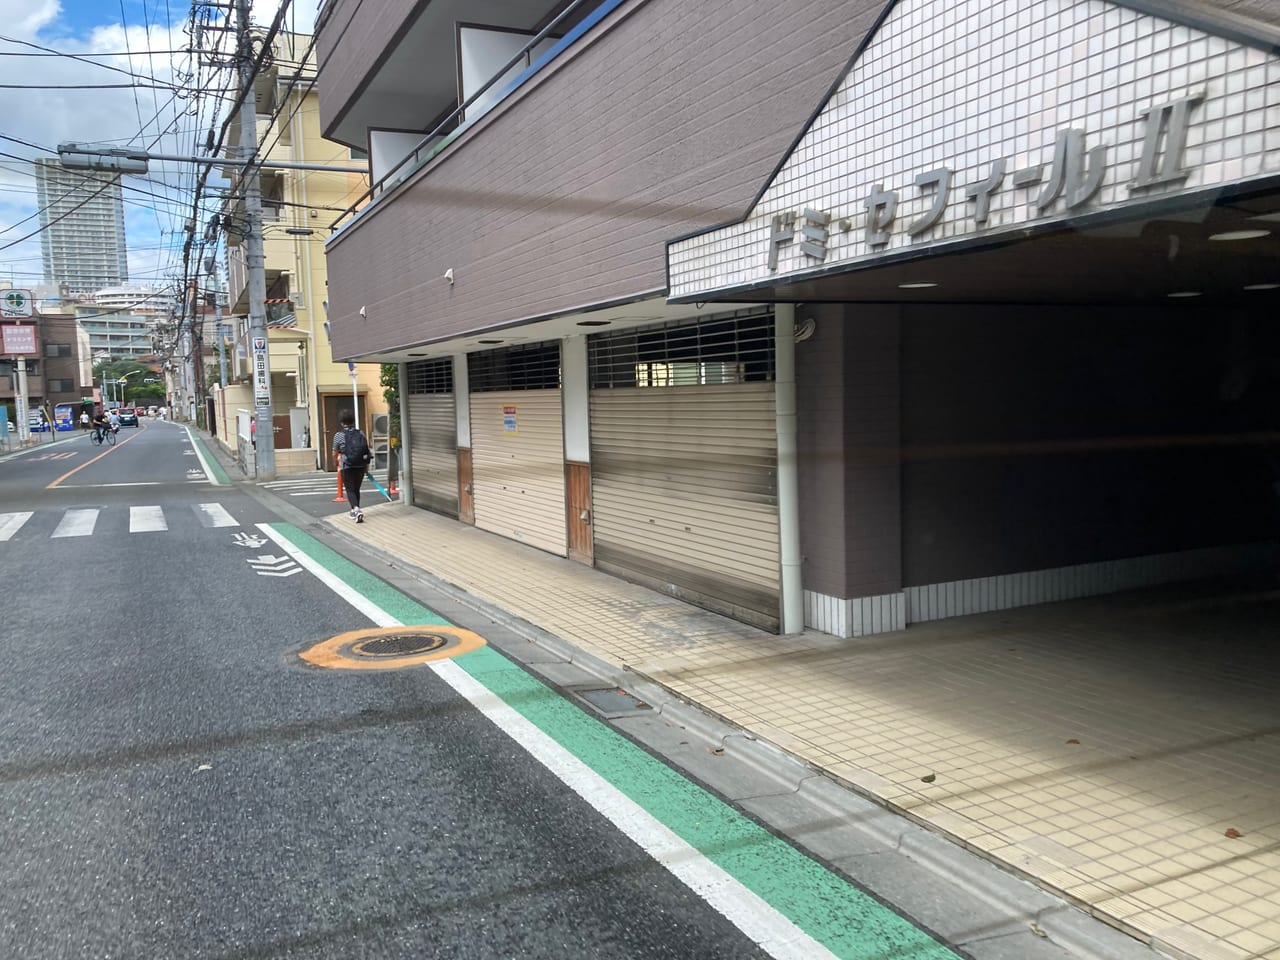 国分寺街道沿い割烹料理屋『卯の花』が閉店していた?!店舗募集の貼り紙がありました。